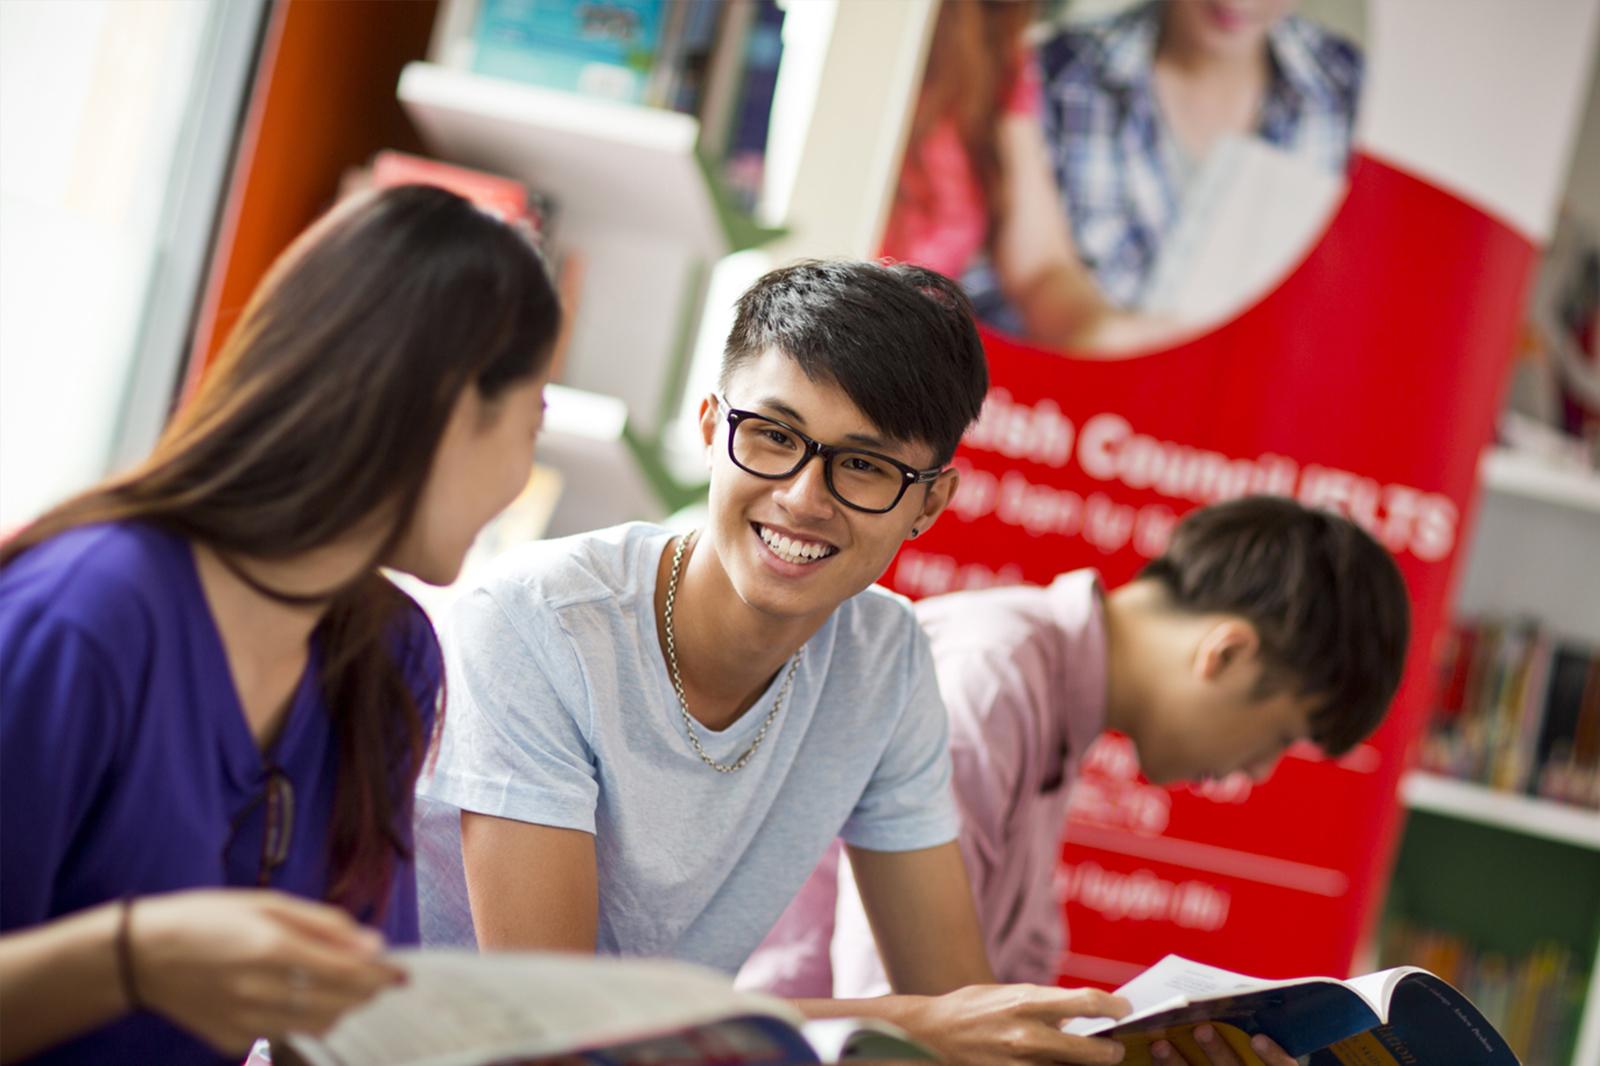 Free Online IELTS courses - Prepare for IELTS - FutureLearn